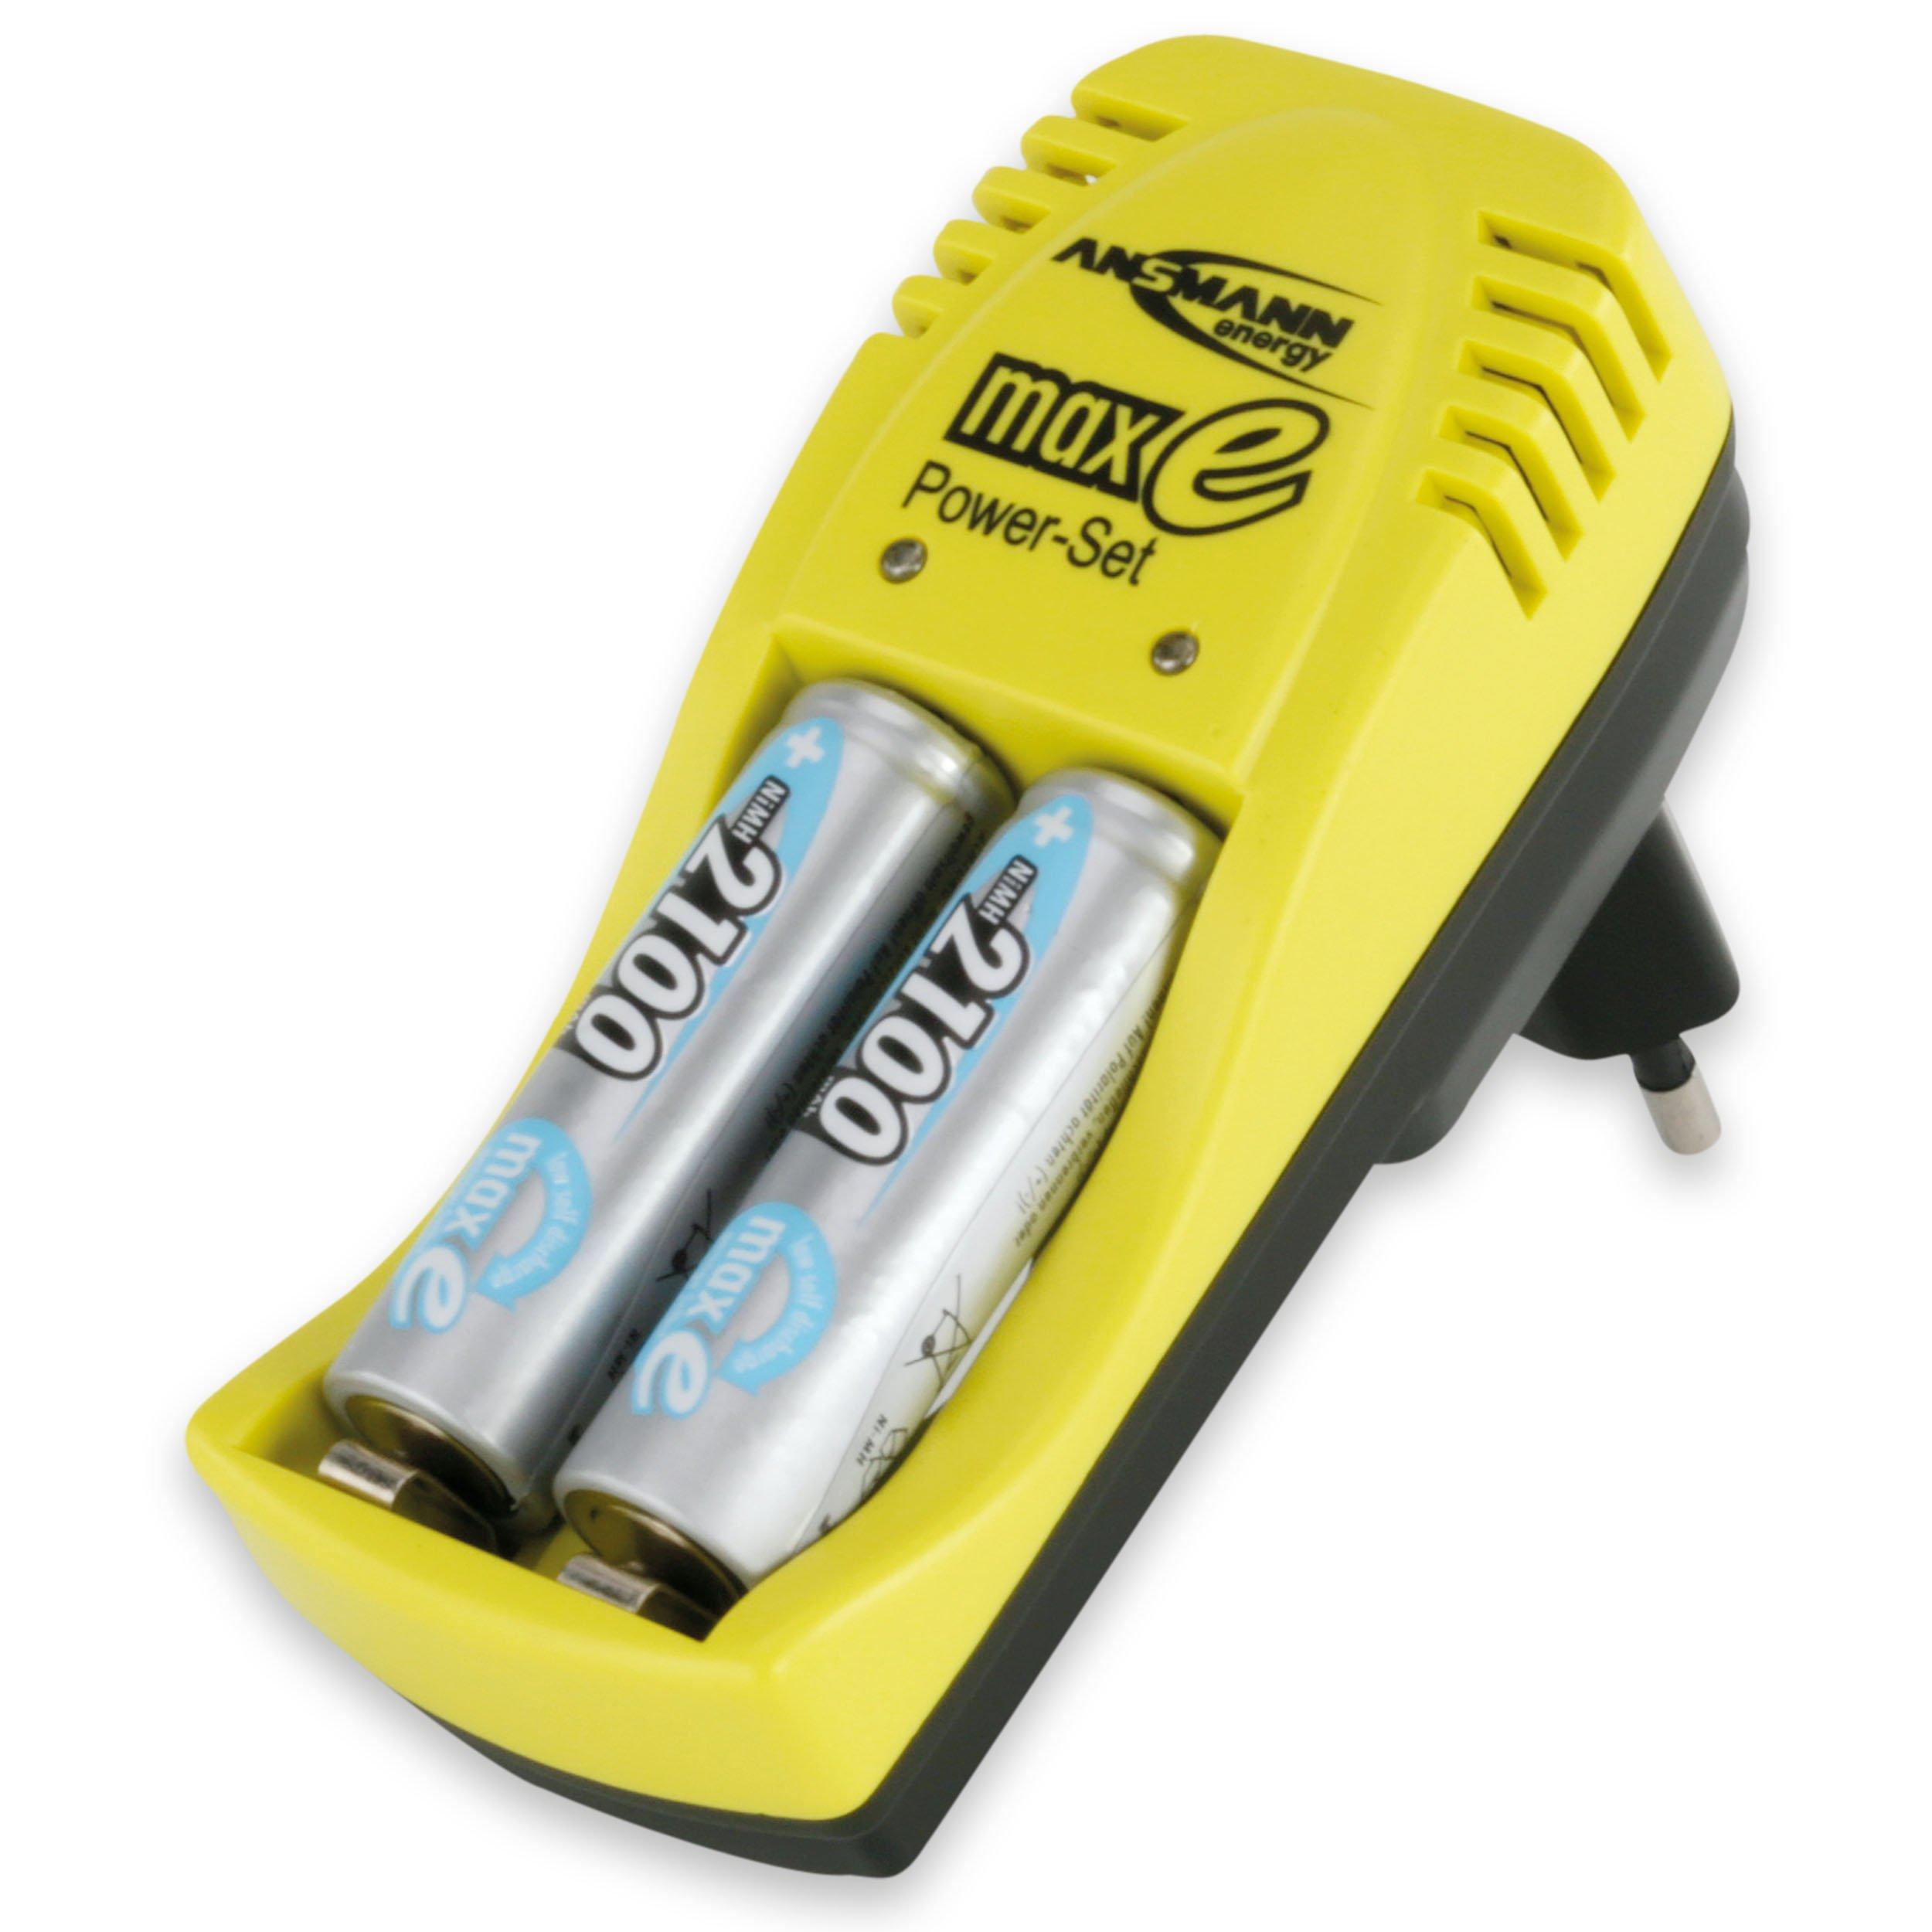 ANSMANN 5107543 Maxe Power Set Caricabatteria da Tavolo con Spia di Carica per Batterie Nicd/Nimh In